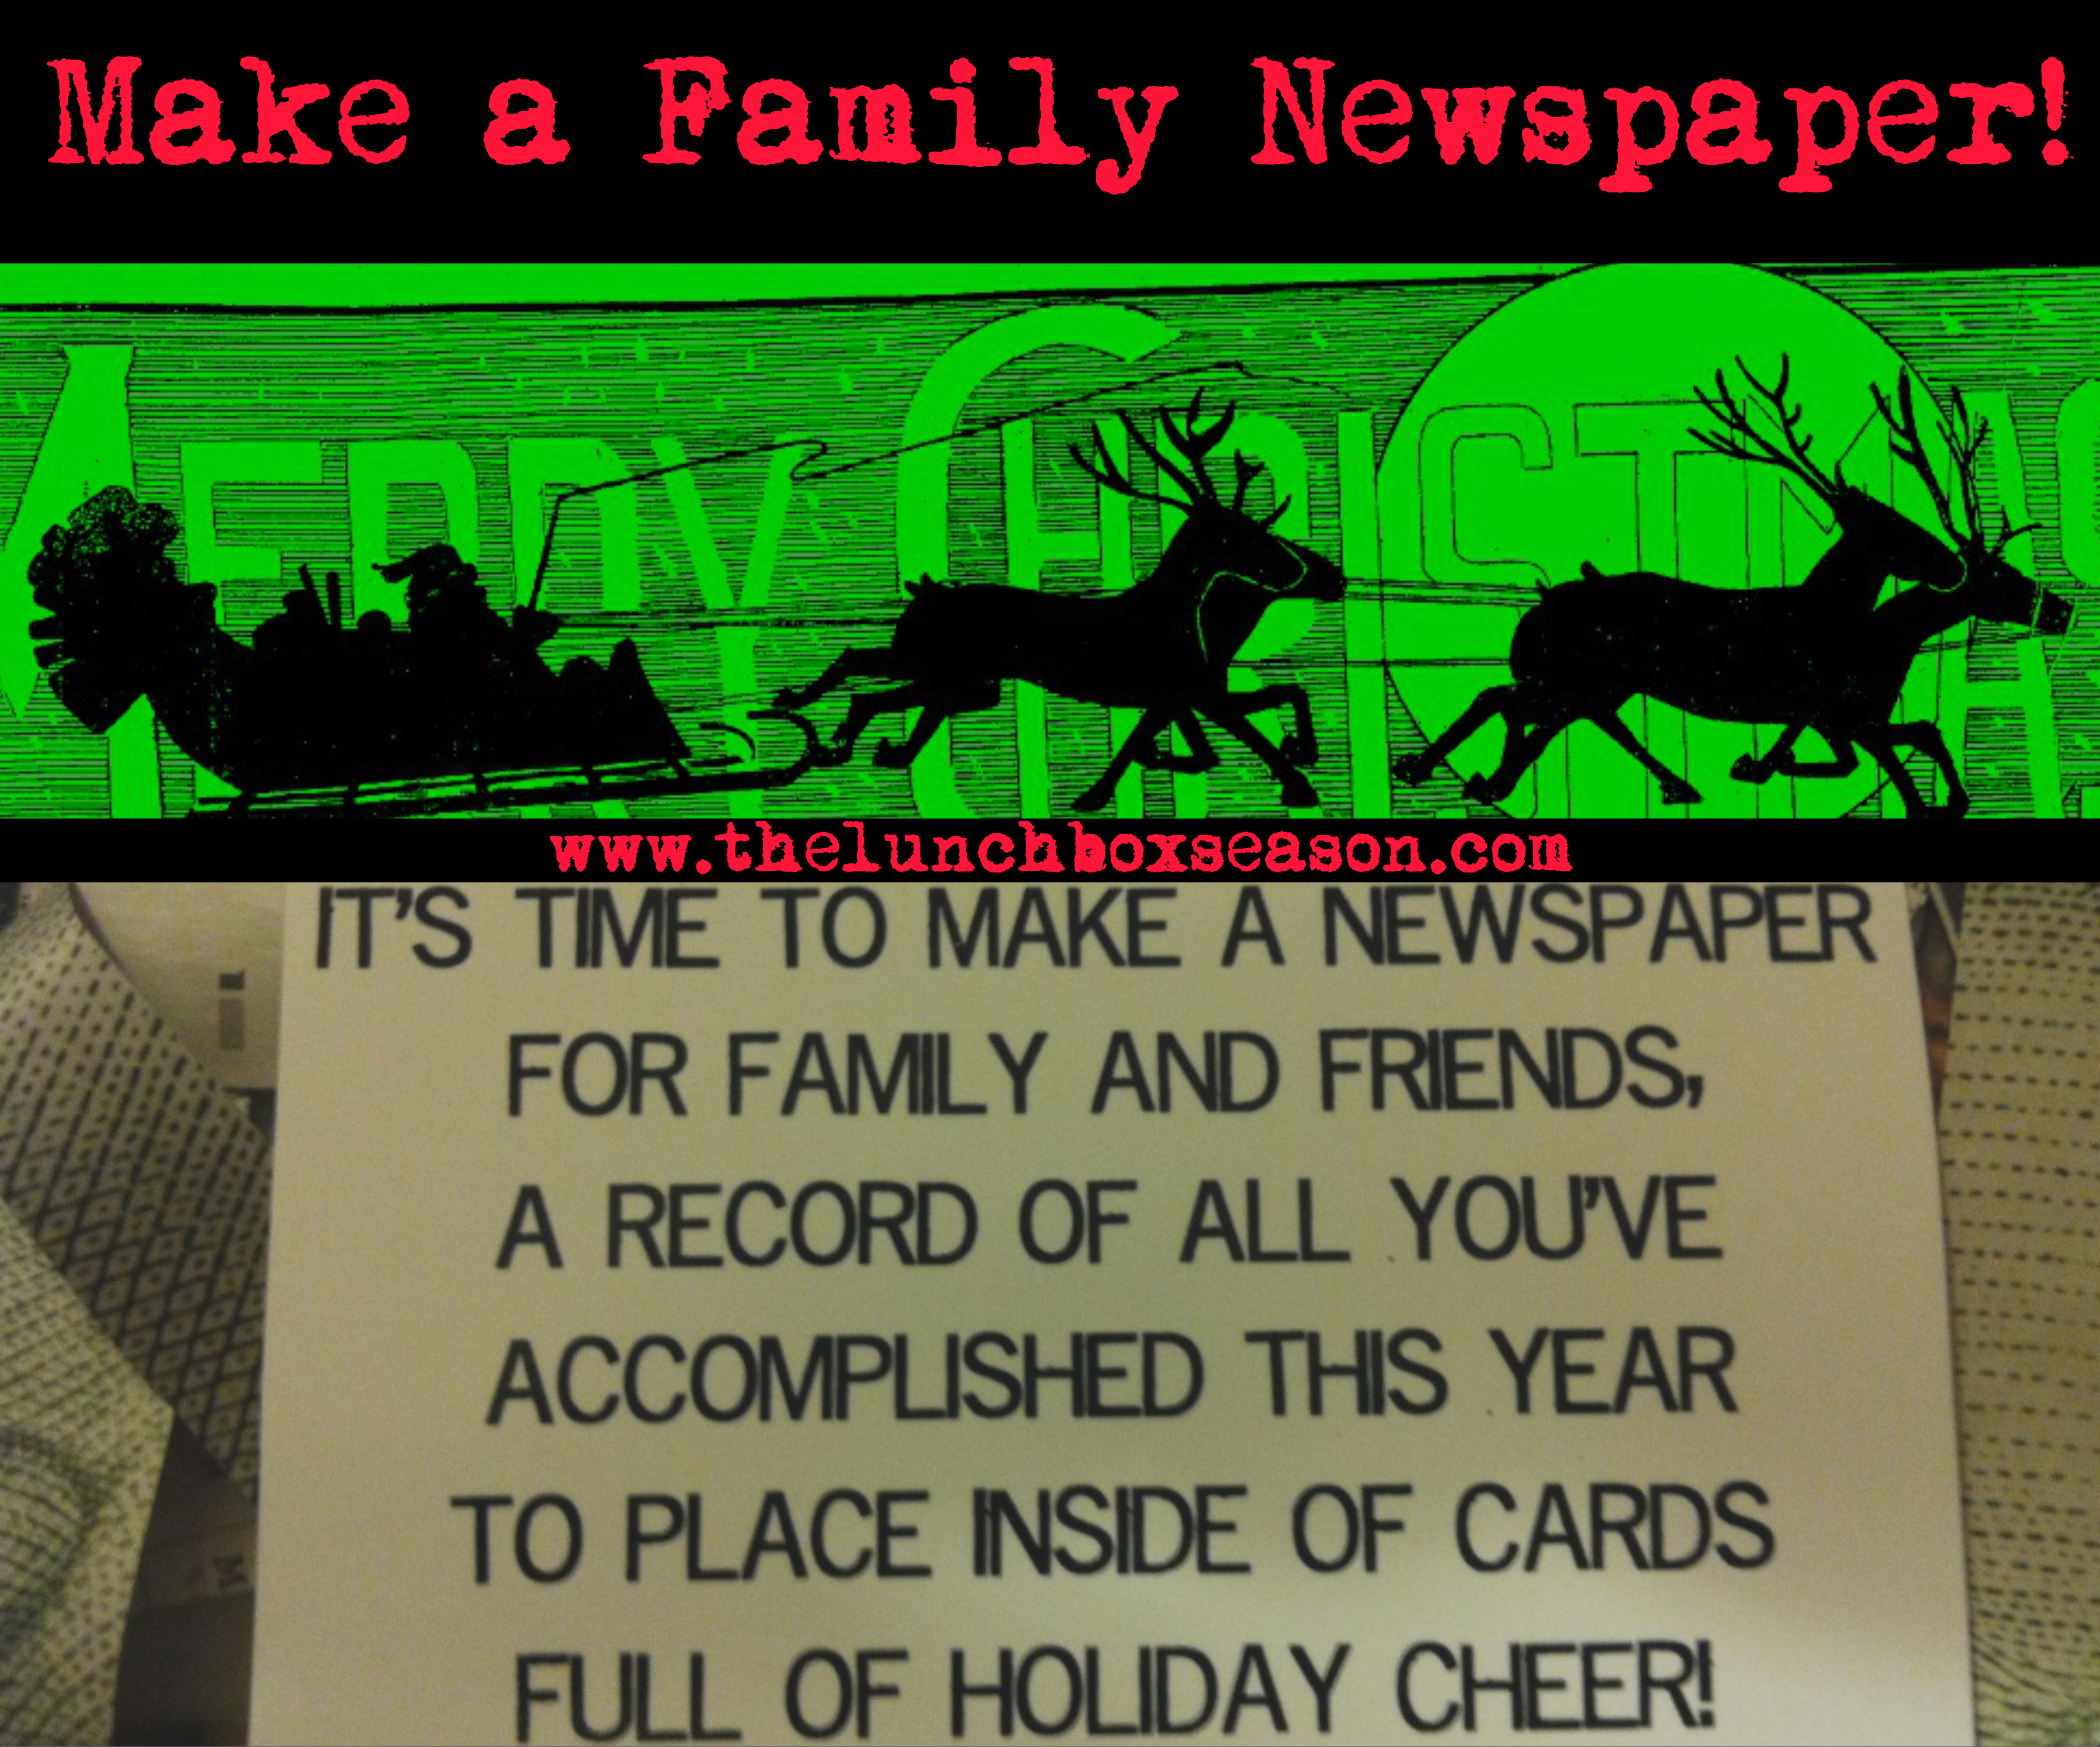 familynewspaper